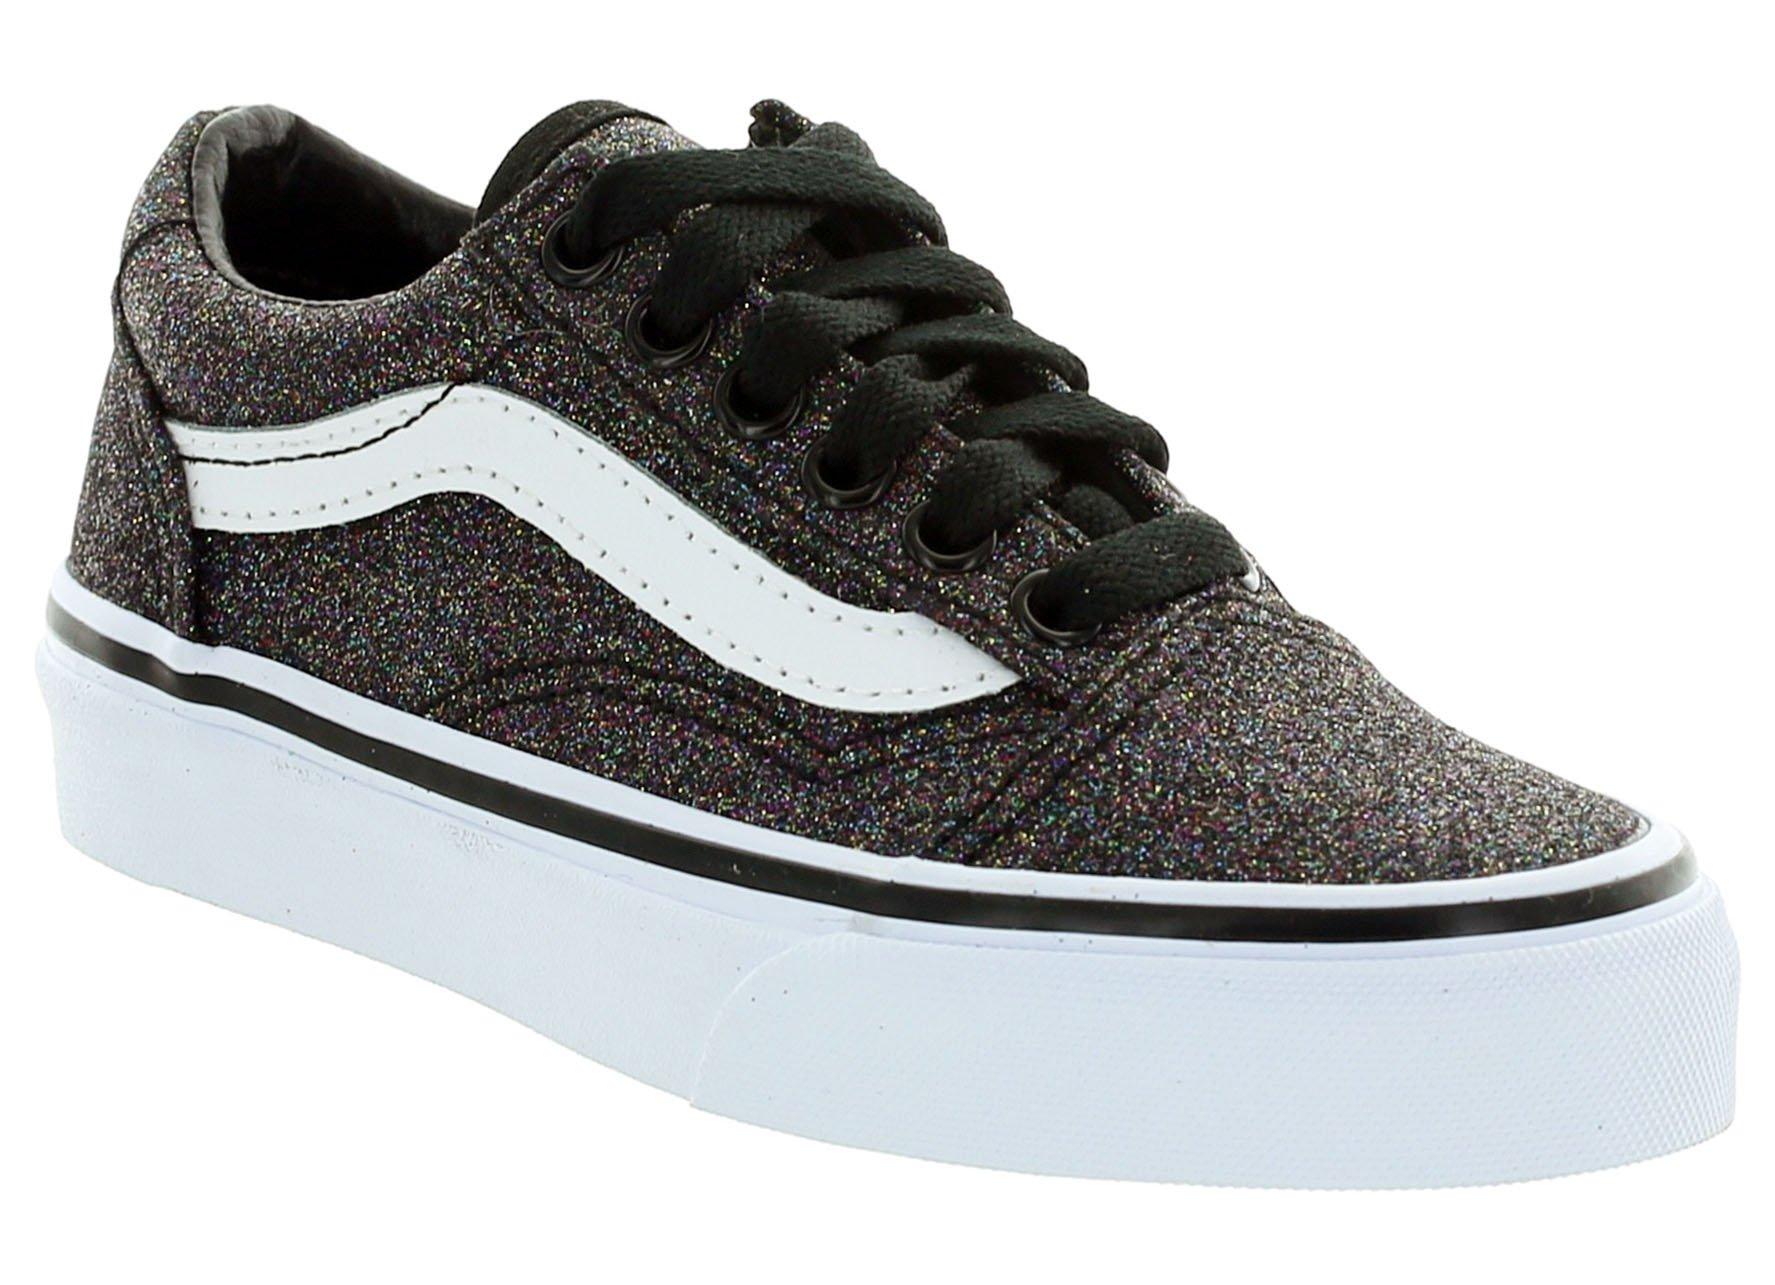 f1b65134031 Vans Old Skool (Glitter) VN0A38HBQ7E (Glitter) Rainbow Black ...